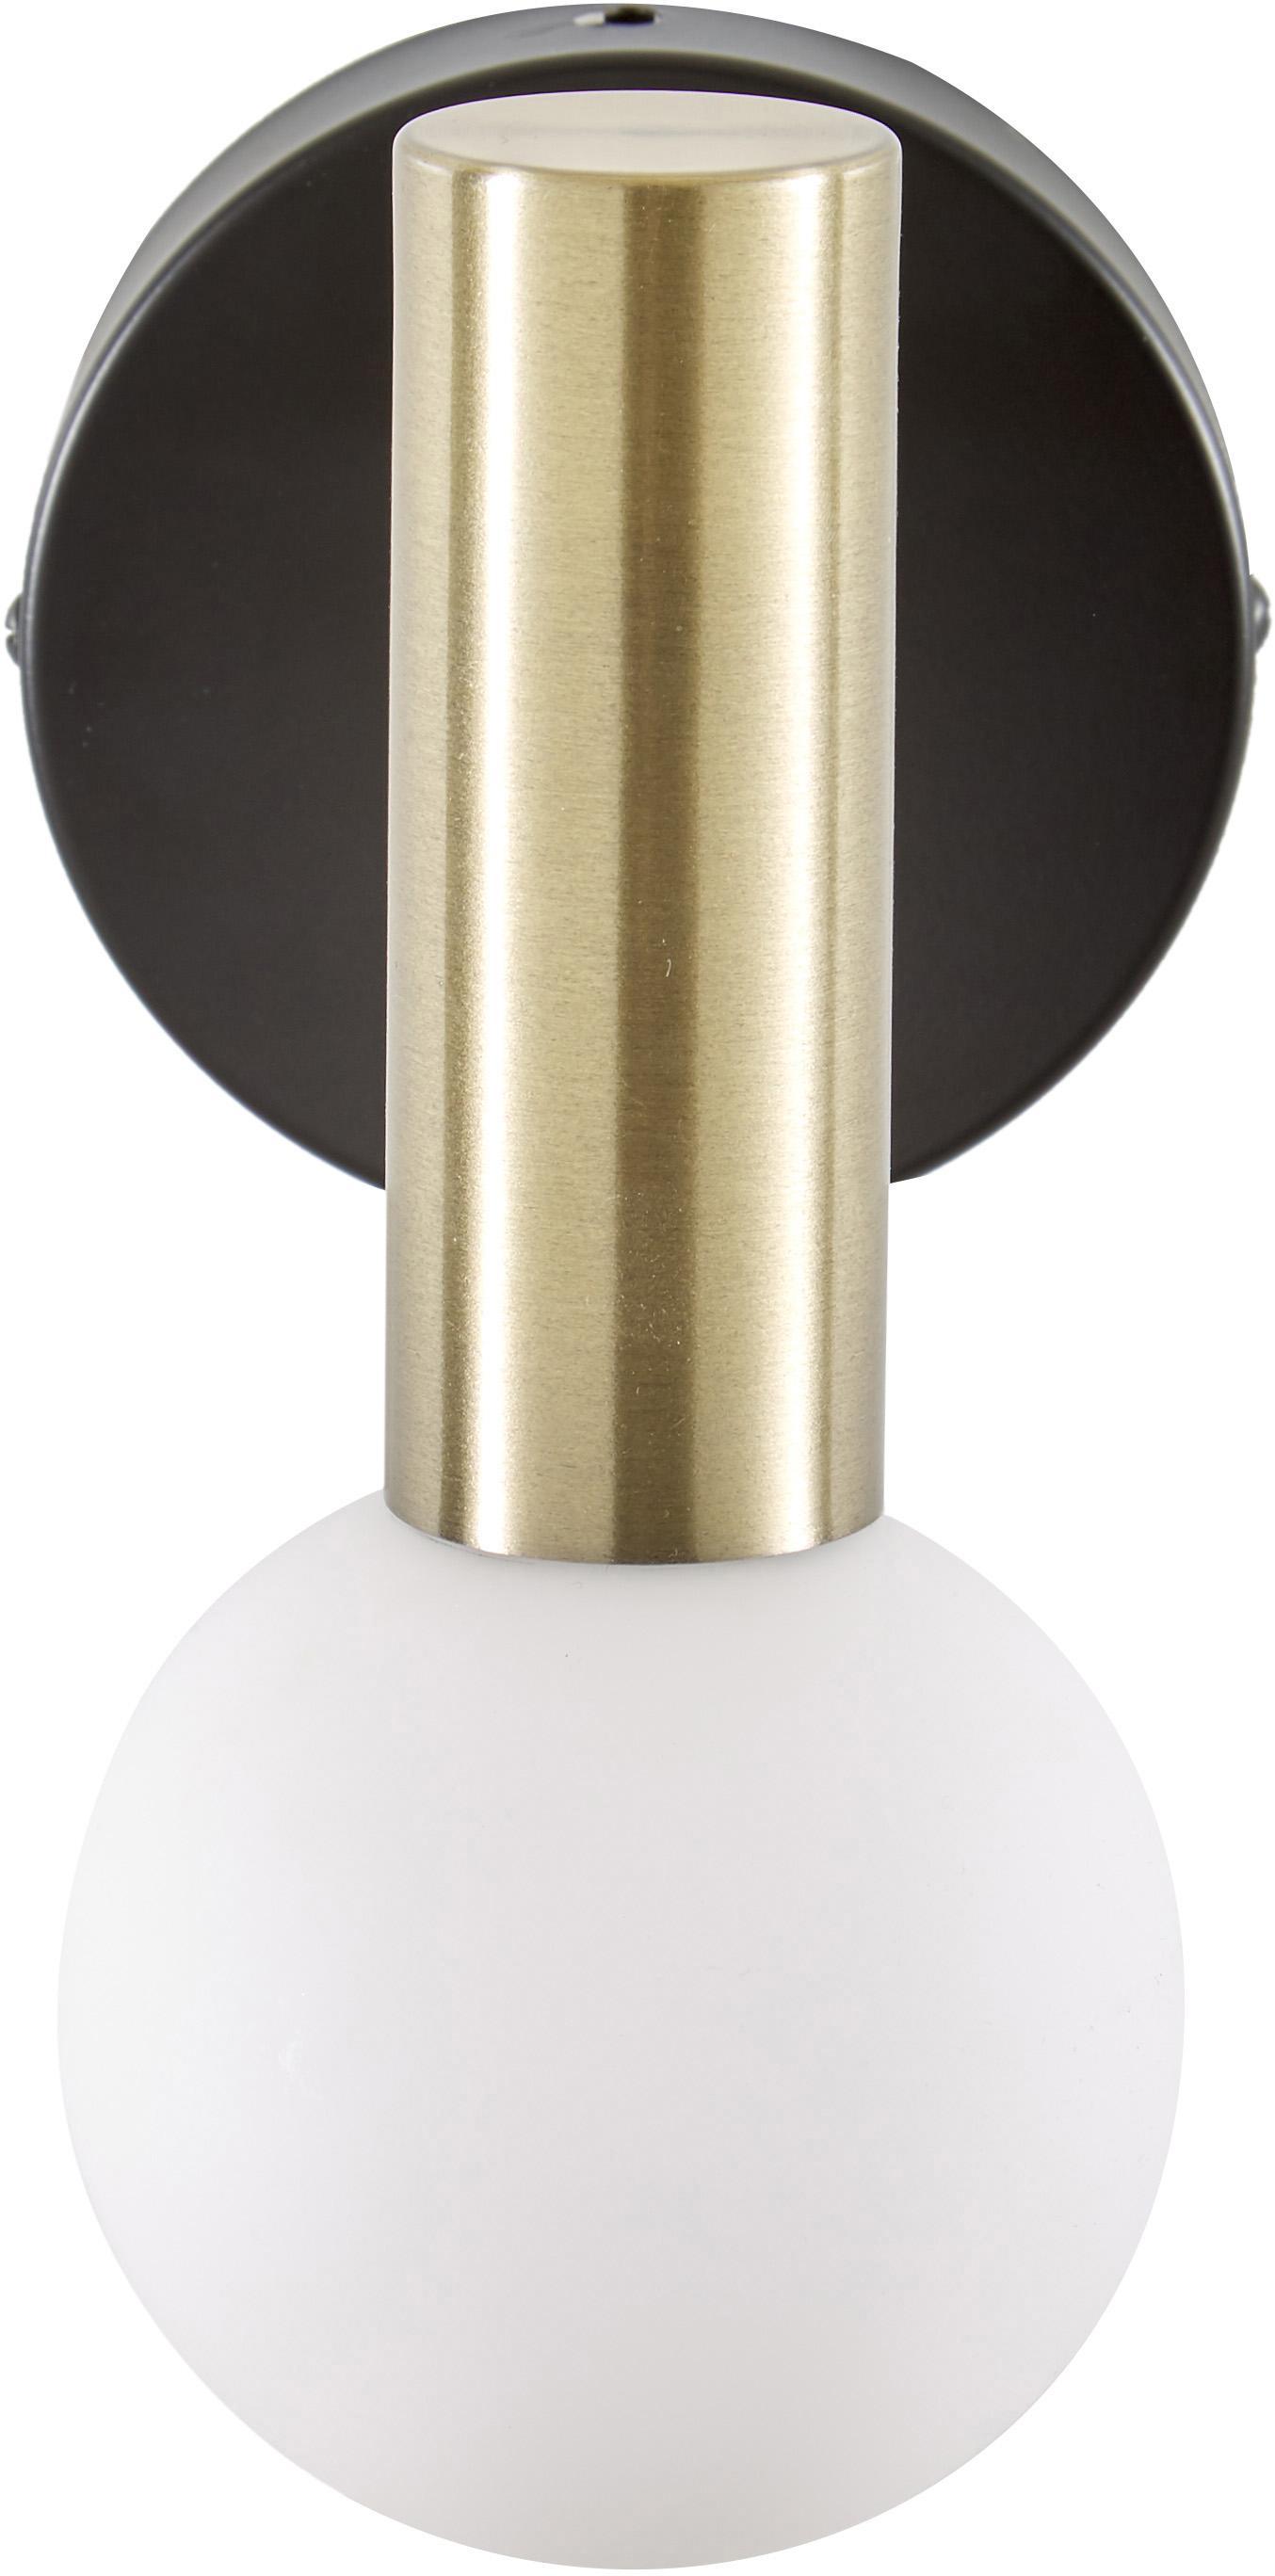 ApliqueWilson, Estructura: metal con pintura en polv, Pantalla: vidrio esmerilado, Negro, dorado, An 10 x Al 22 cm